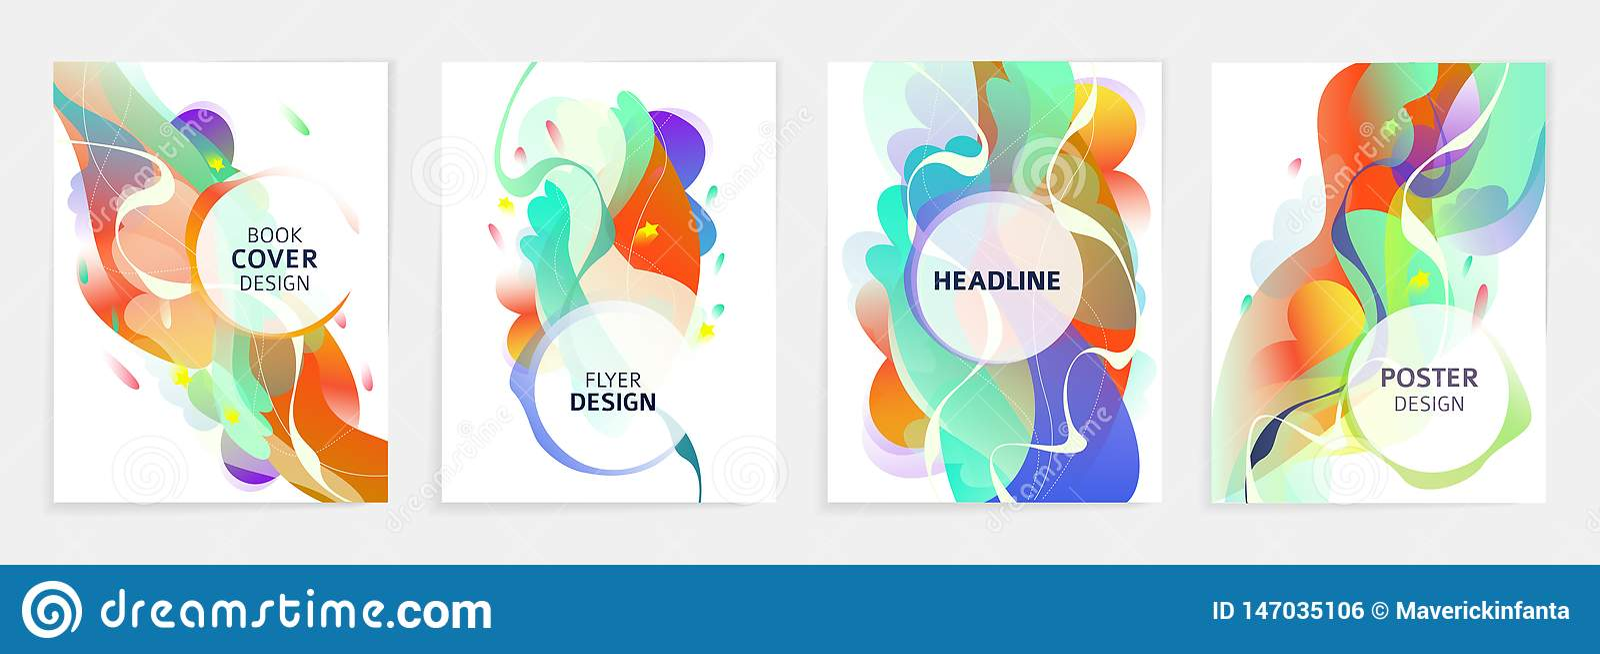 Reeks ontwerpen voor vlieger, broshure, de dekking van het boek, affiche, Web, jaarverslag